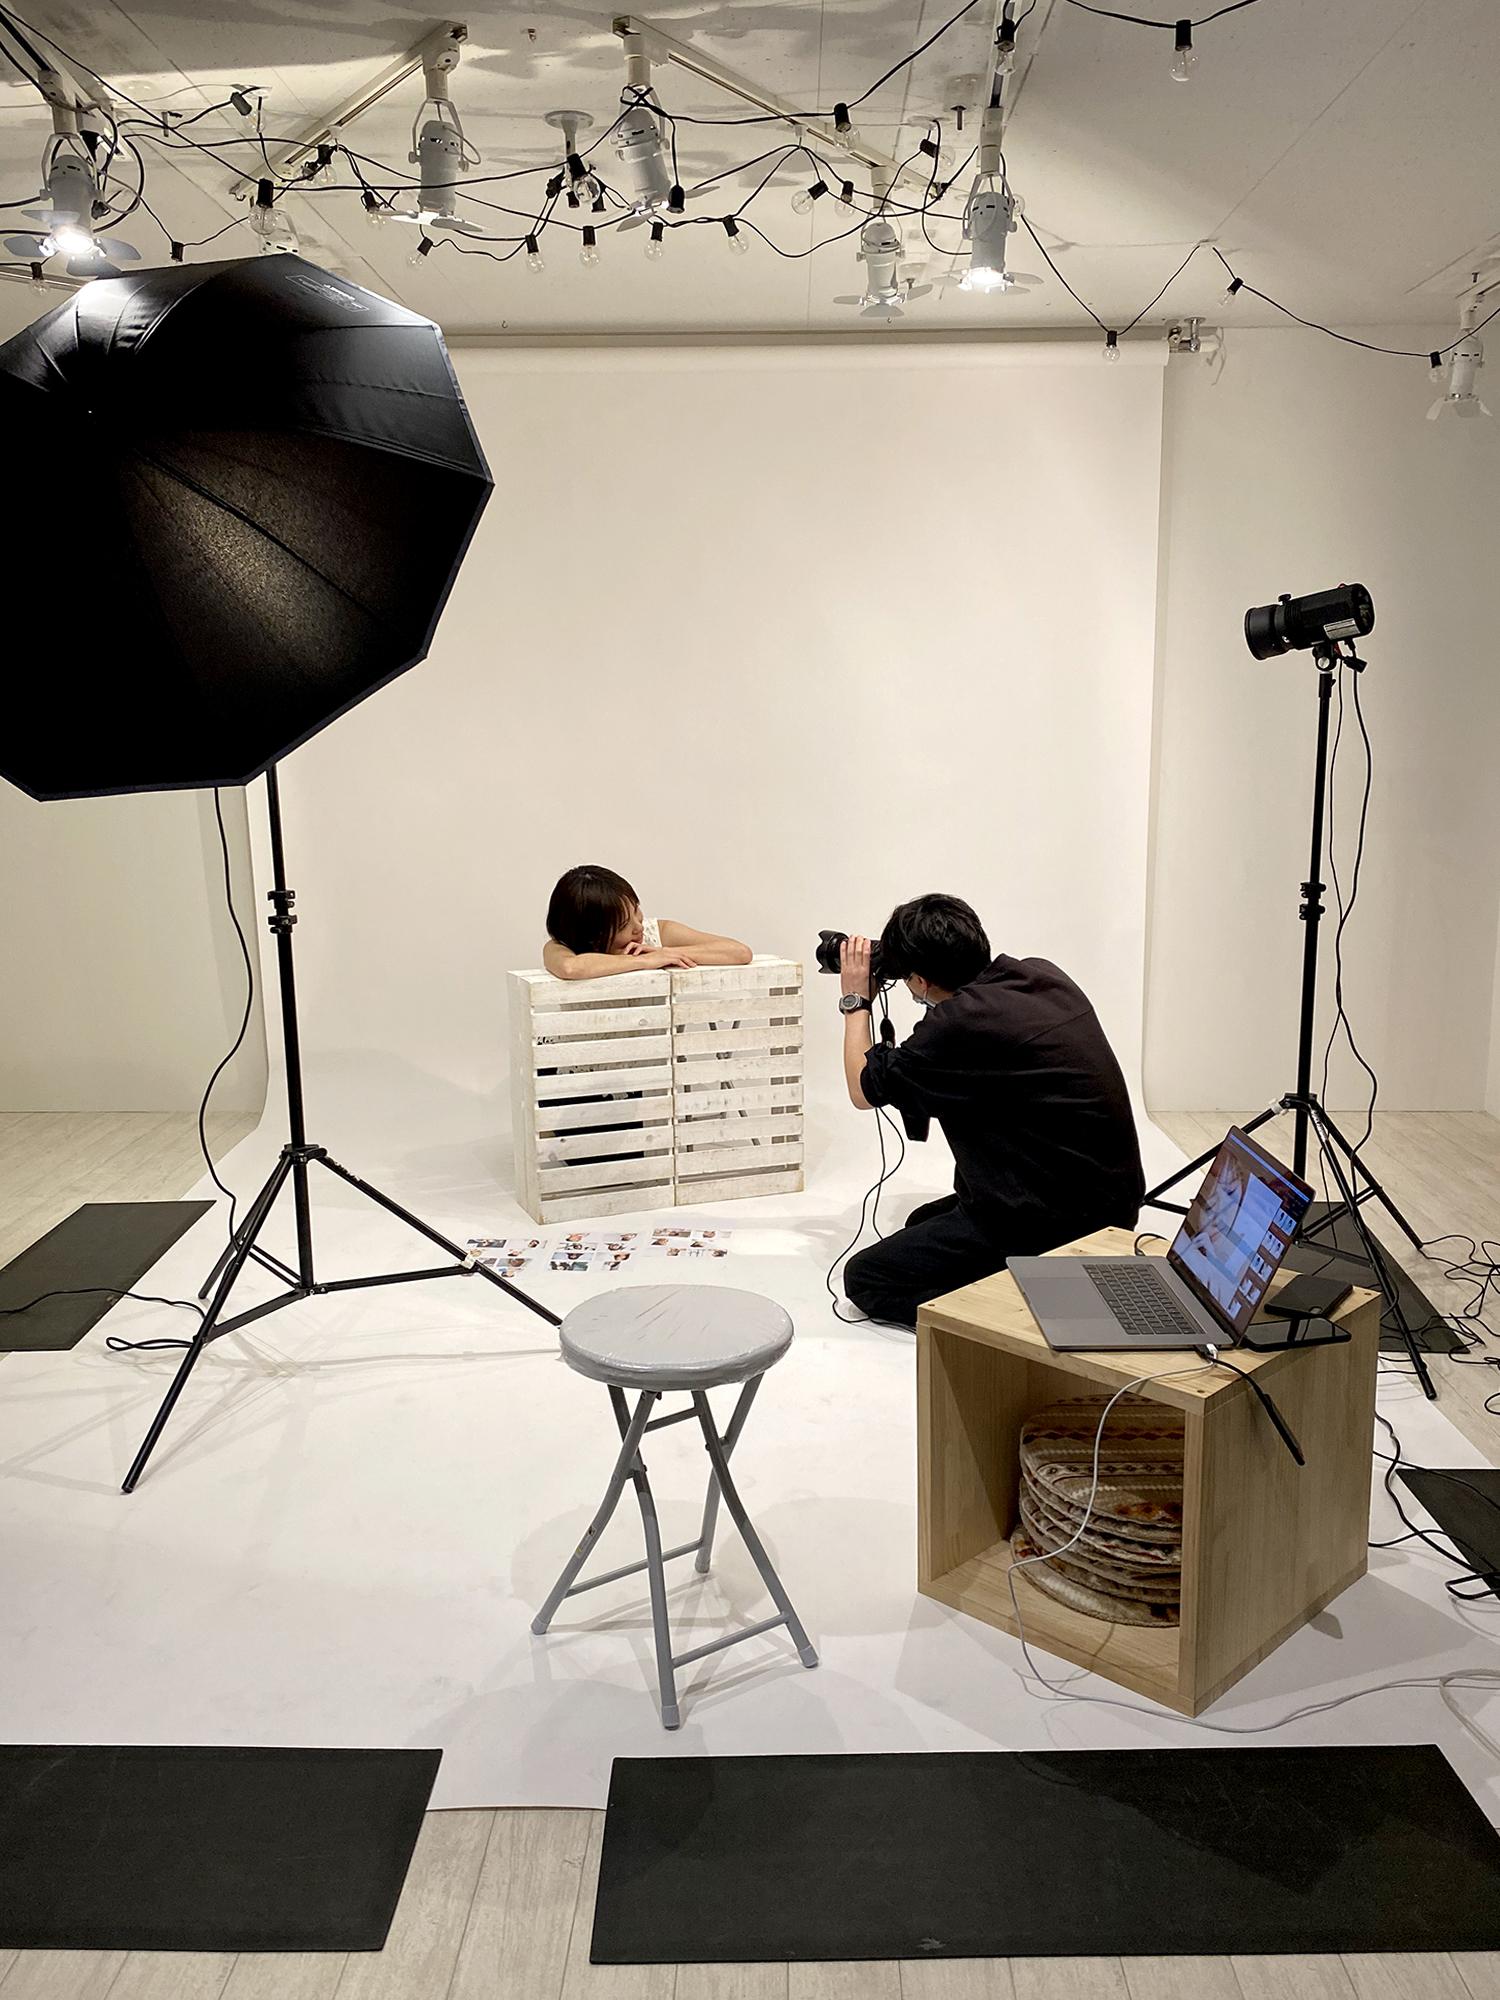 スタジオにて撮影を行いましたpage-visual スタジオにて撮影を行いましたビジュアル